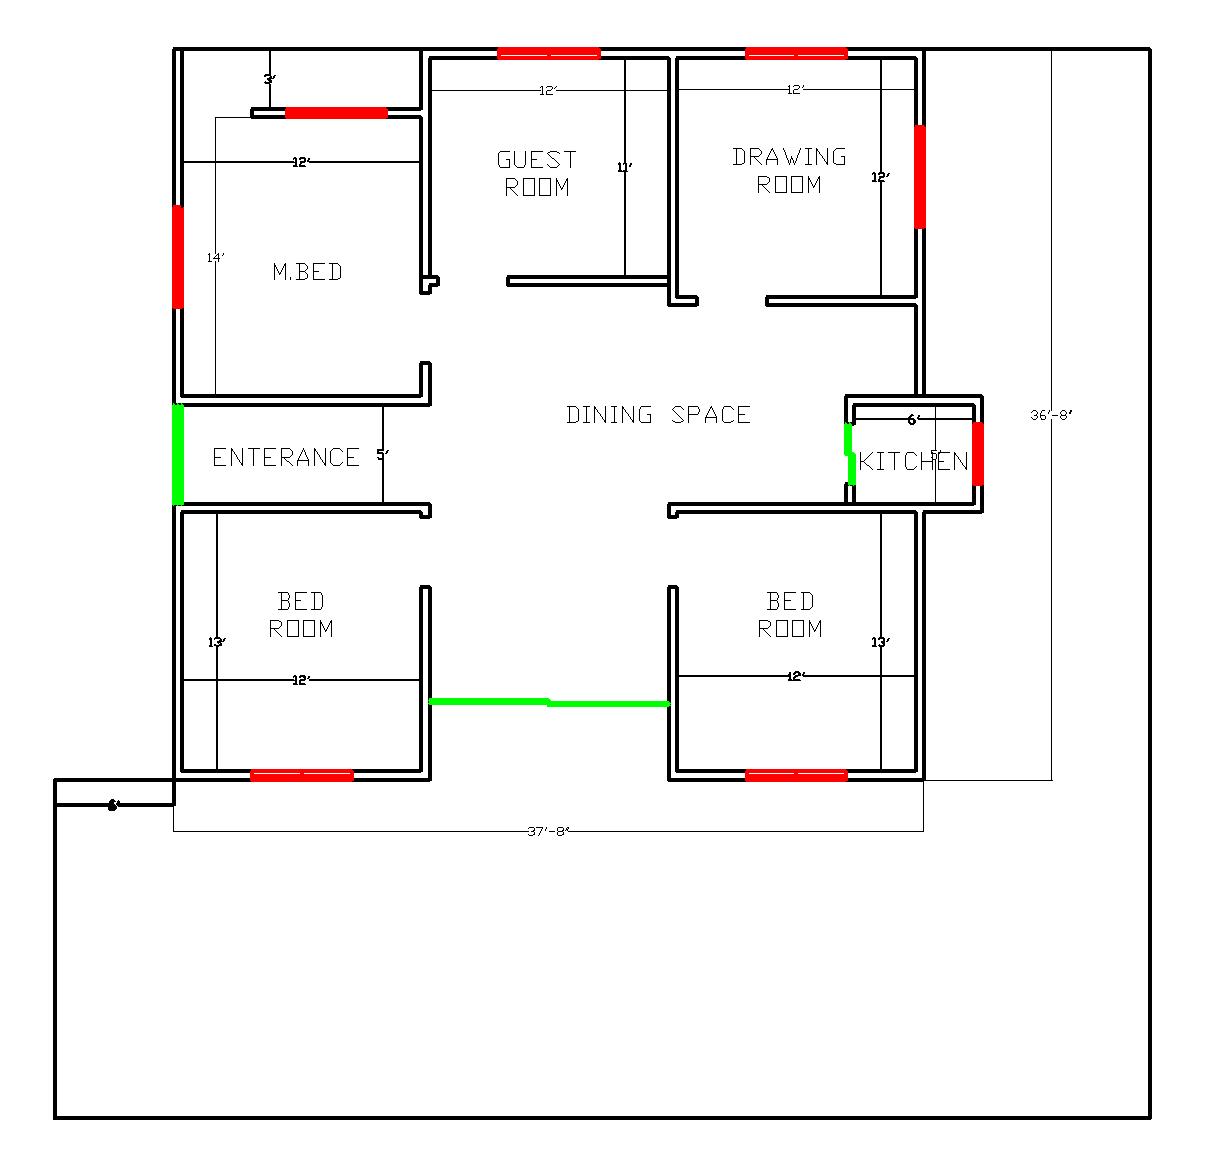 40x38 Layout Plan